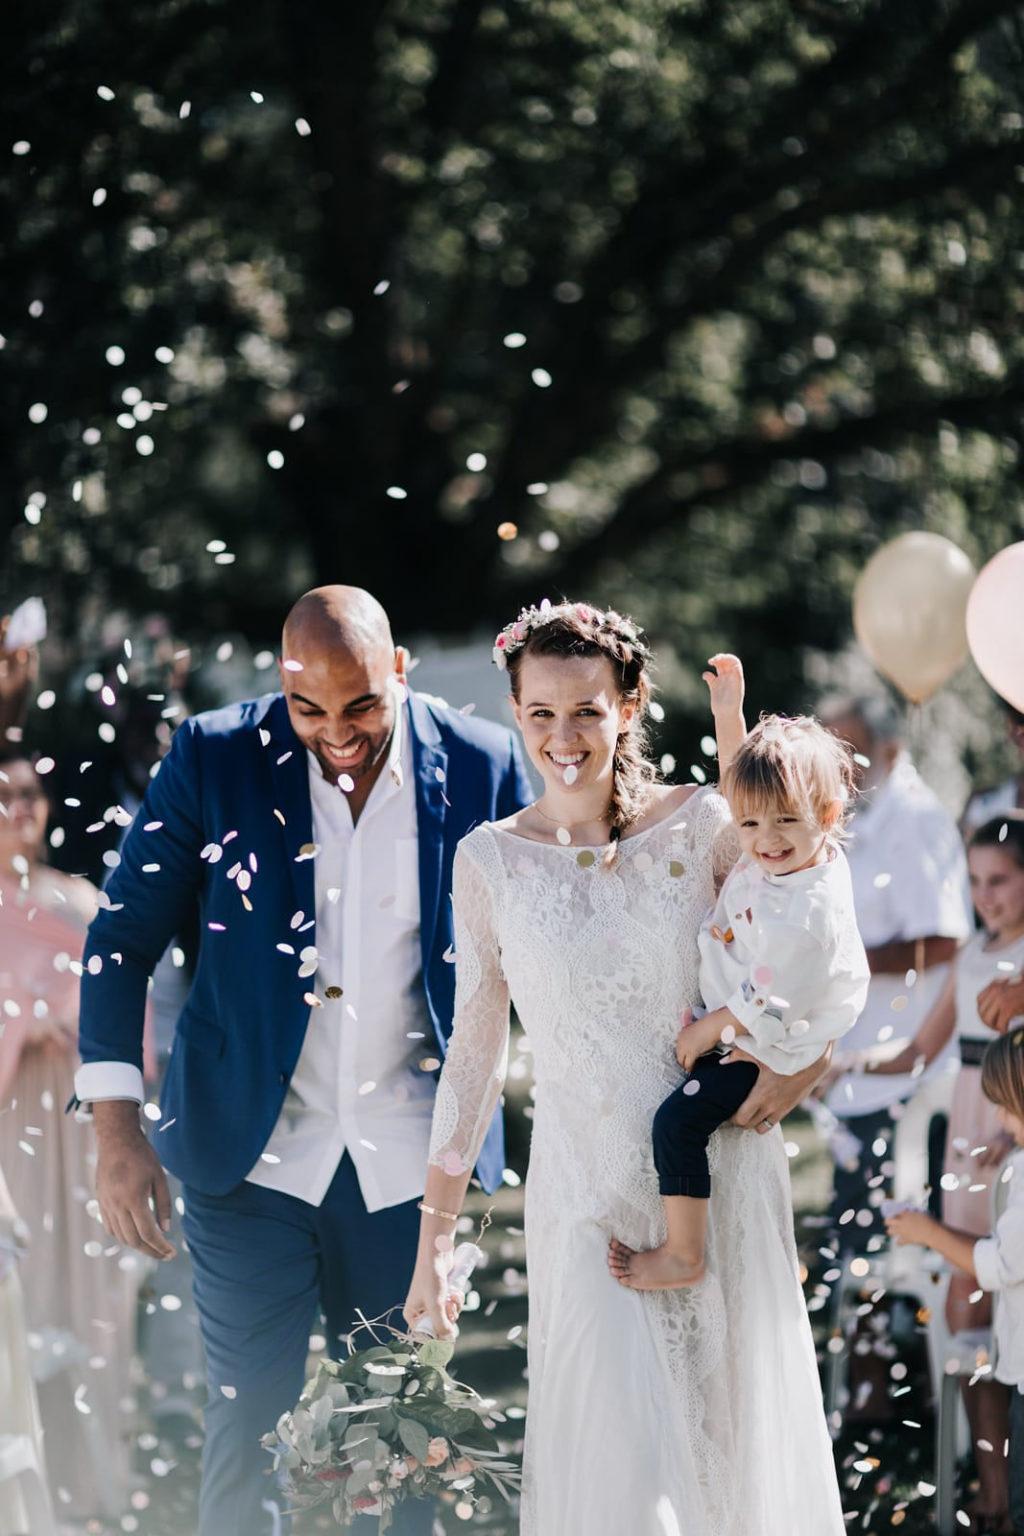 cérémonie laïque en 7 points-Sortie-Blog photographe de mariage Delphine Closse